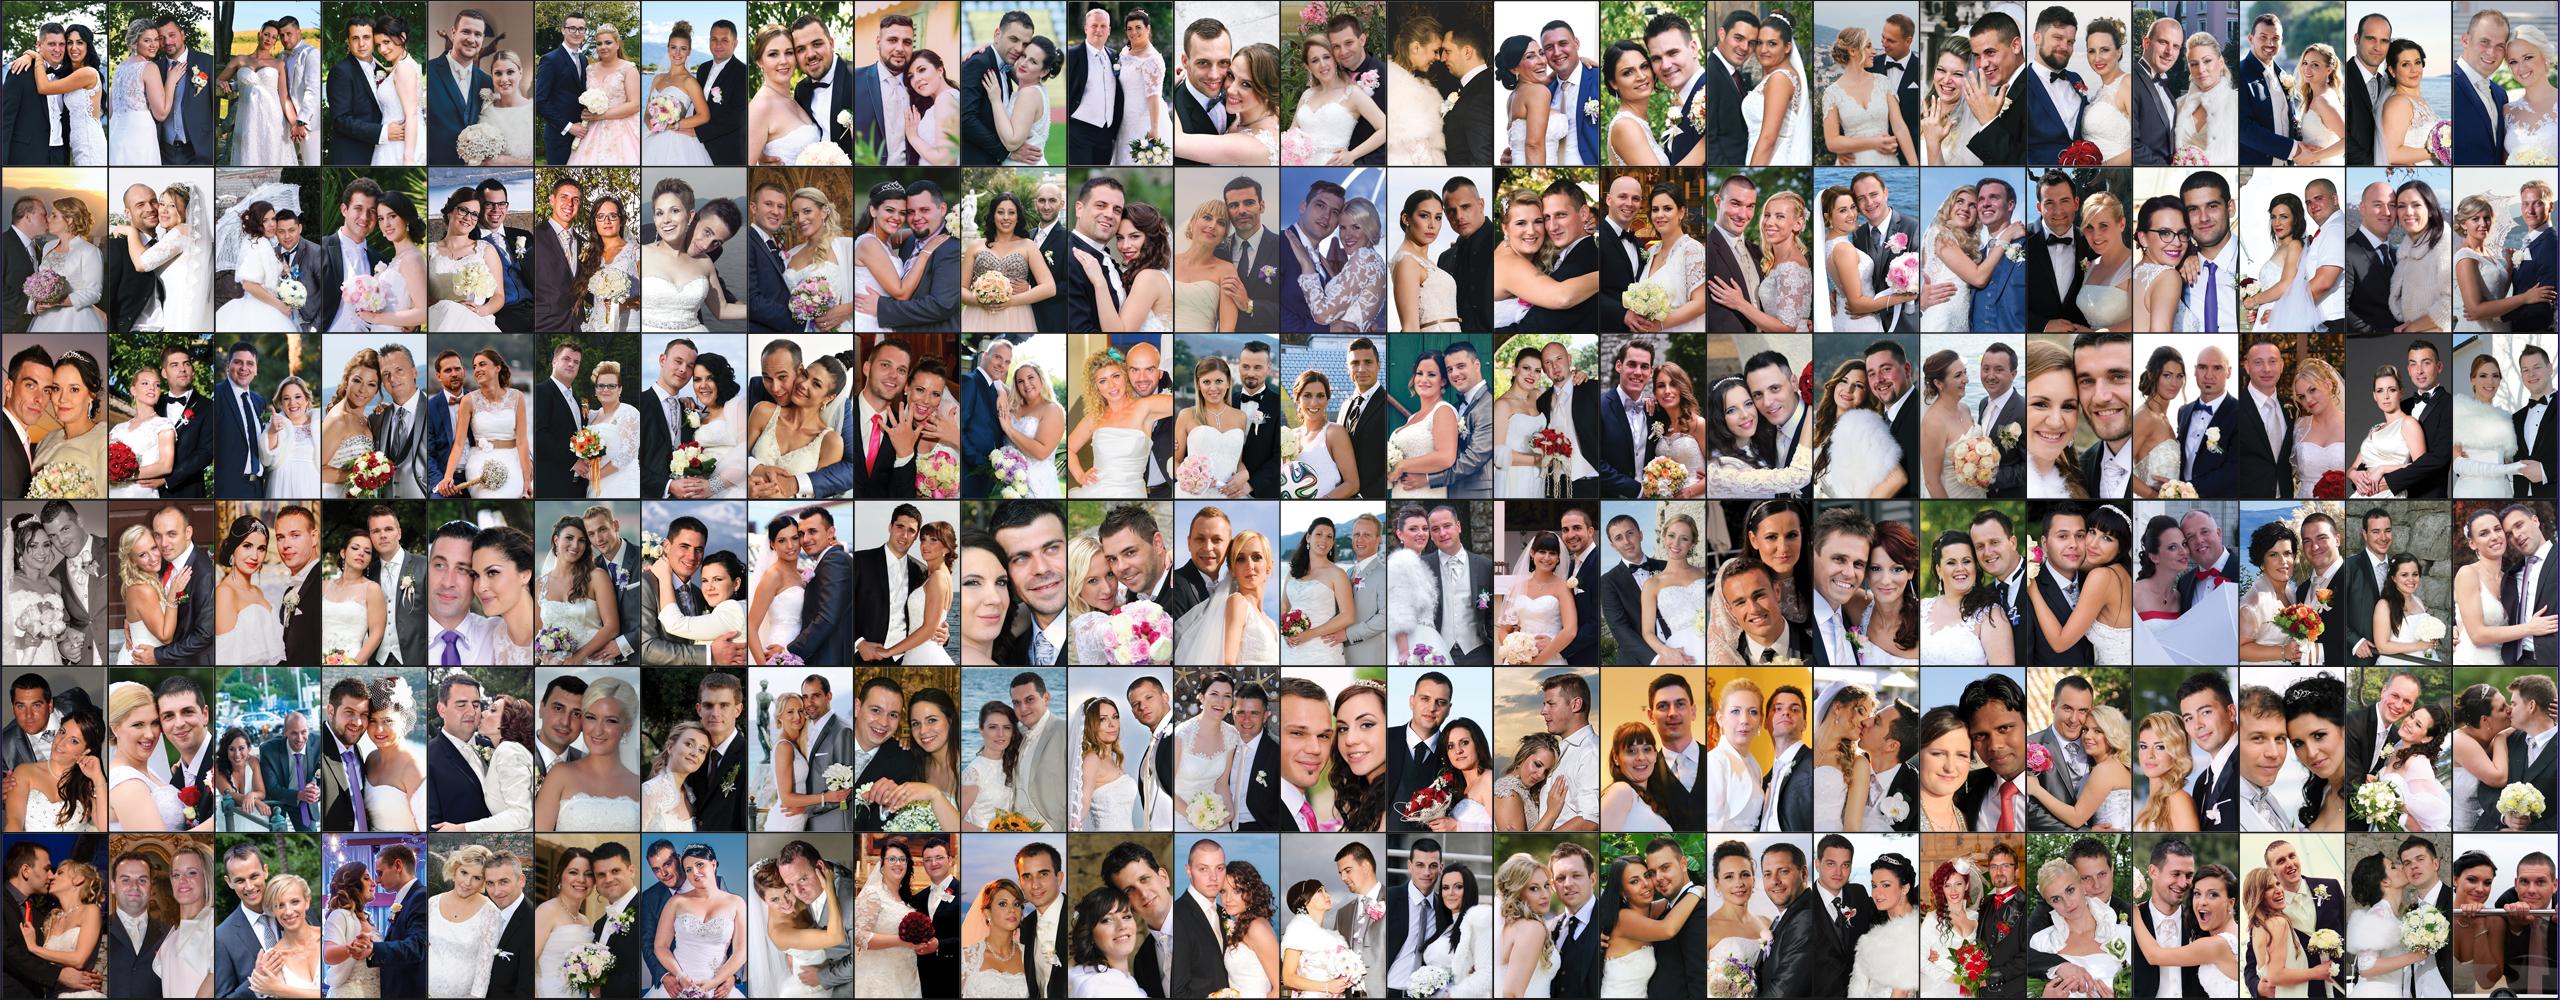 ljubavnici na slikama